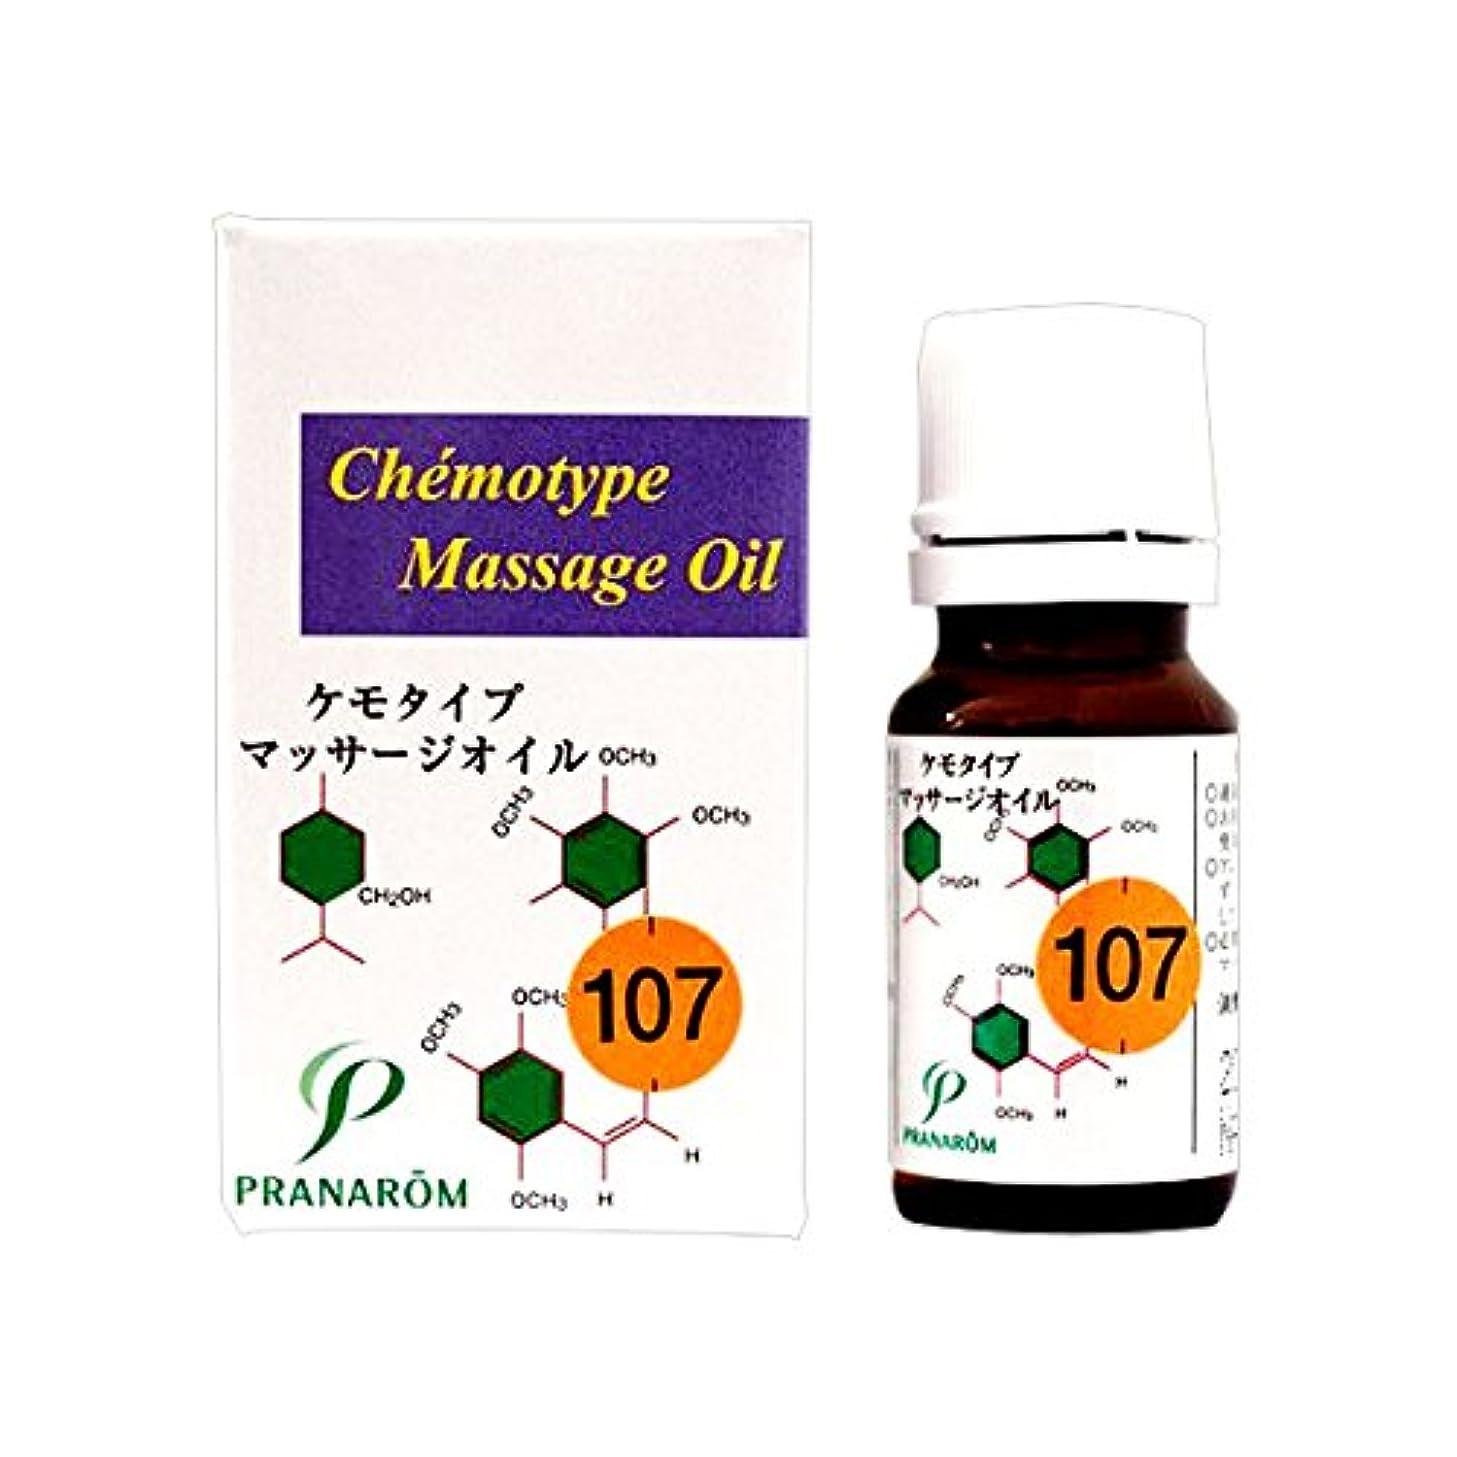 オーナーインフラ薬用ケンソー マッサージオイルNシリーズ レシピ107 10ml